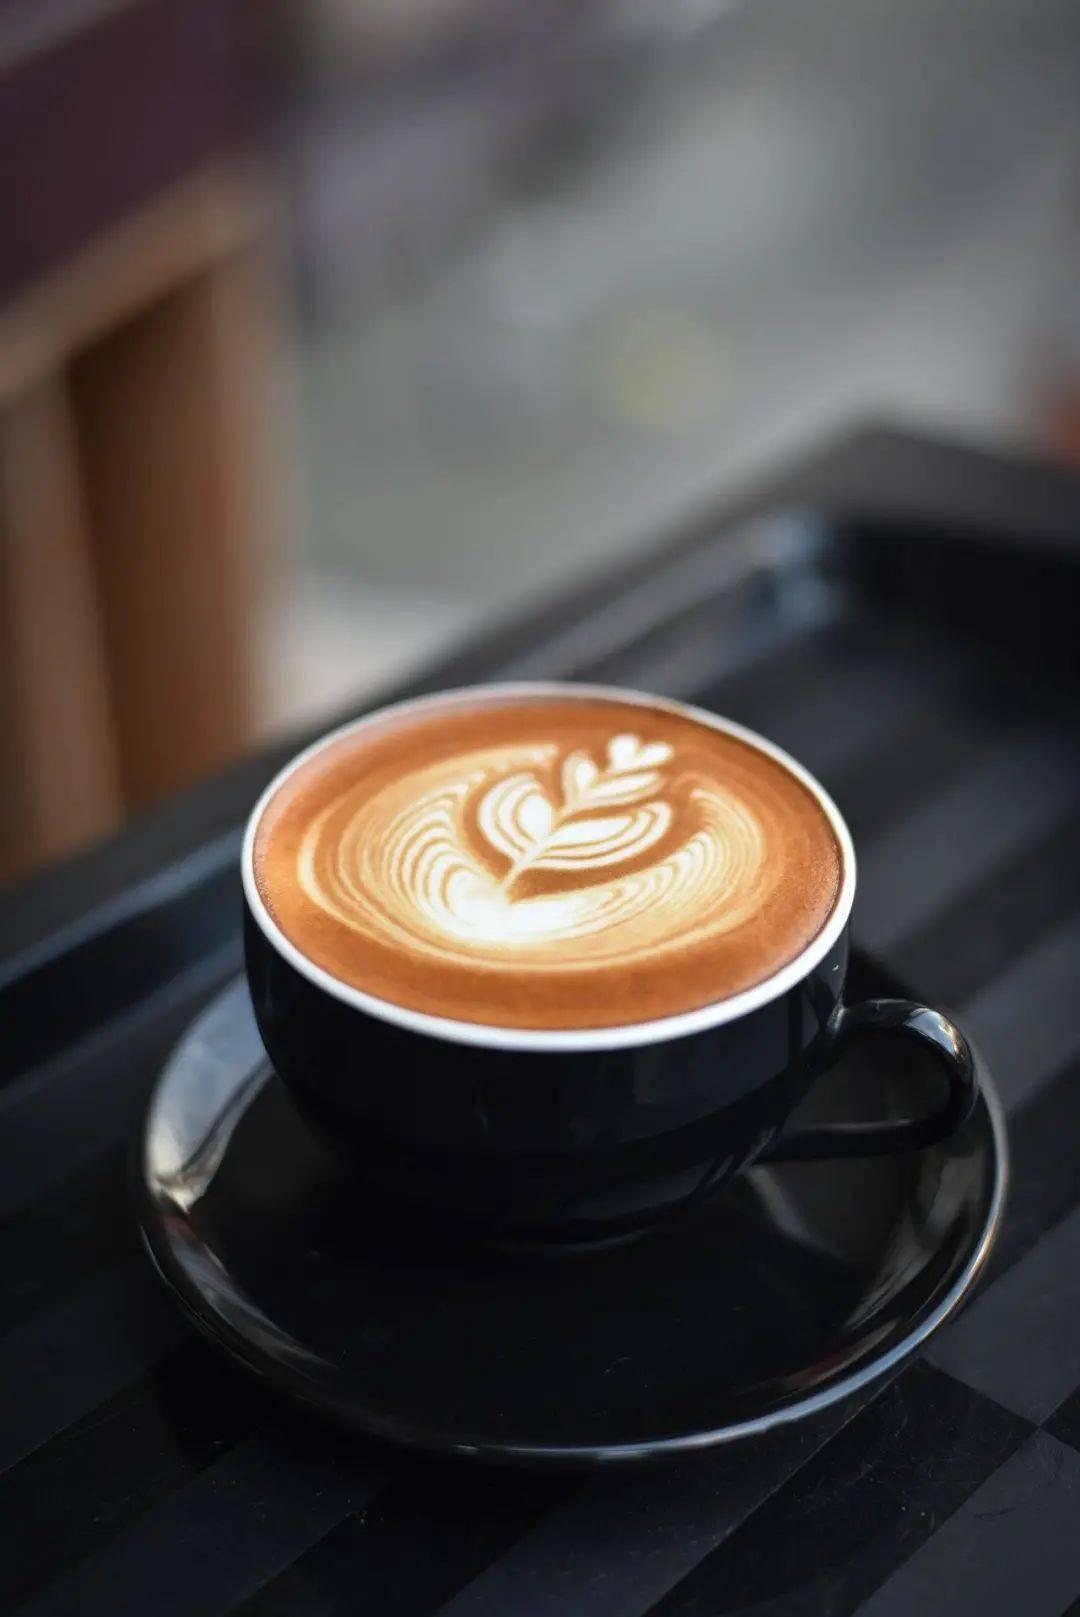 喝对咖啡,运动效果加倍 博主推荐 第3张